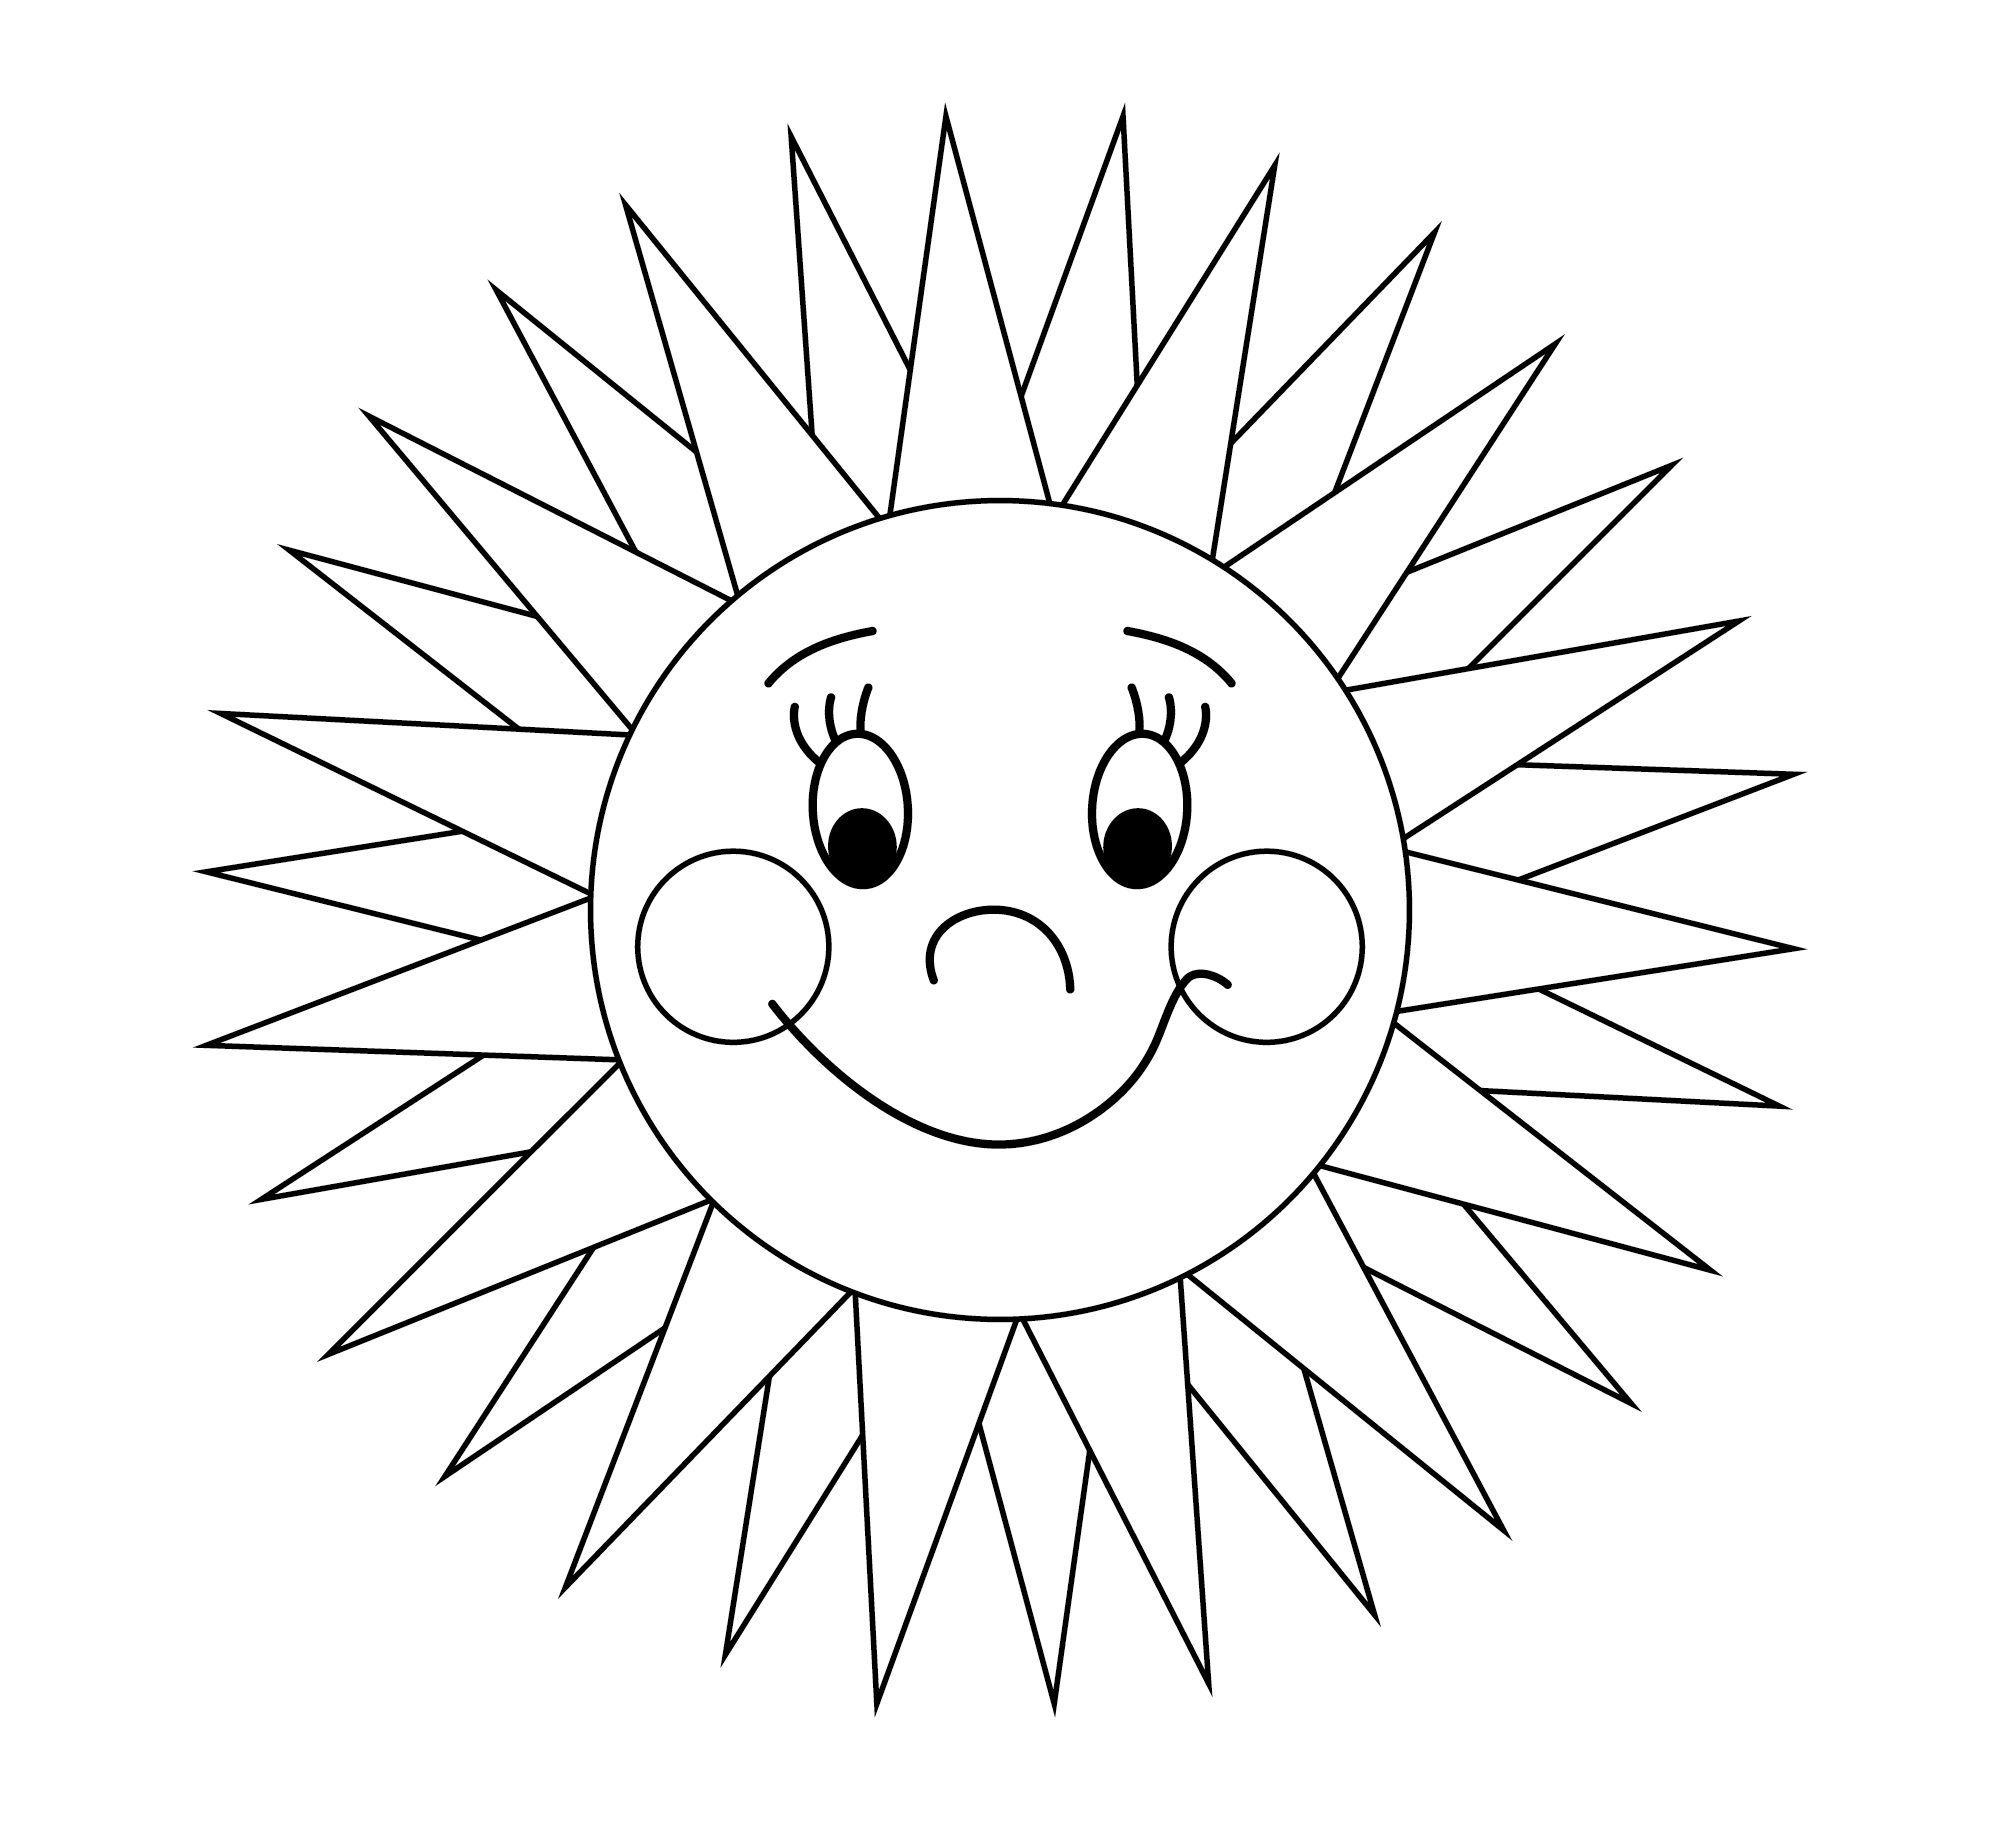 Ausmalbilder Zum Ausdrucken Sonne Kostenlos E1550291884555 Kostenlose Malvorlagen Malvorlagen Ausmalbilder